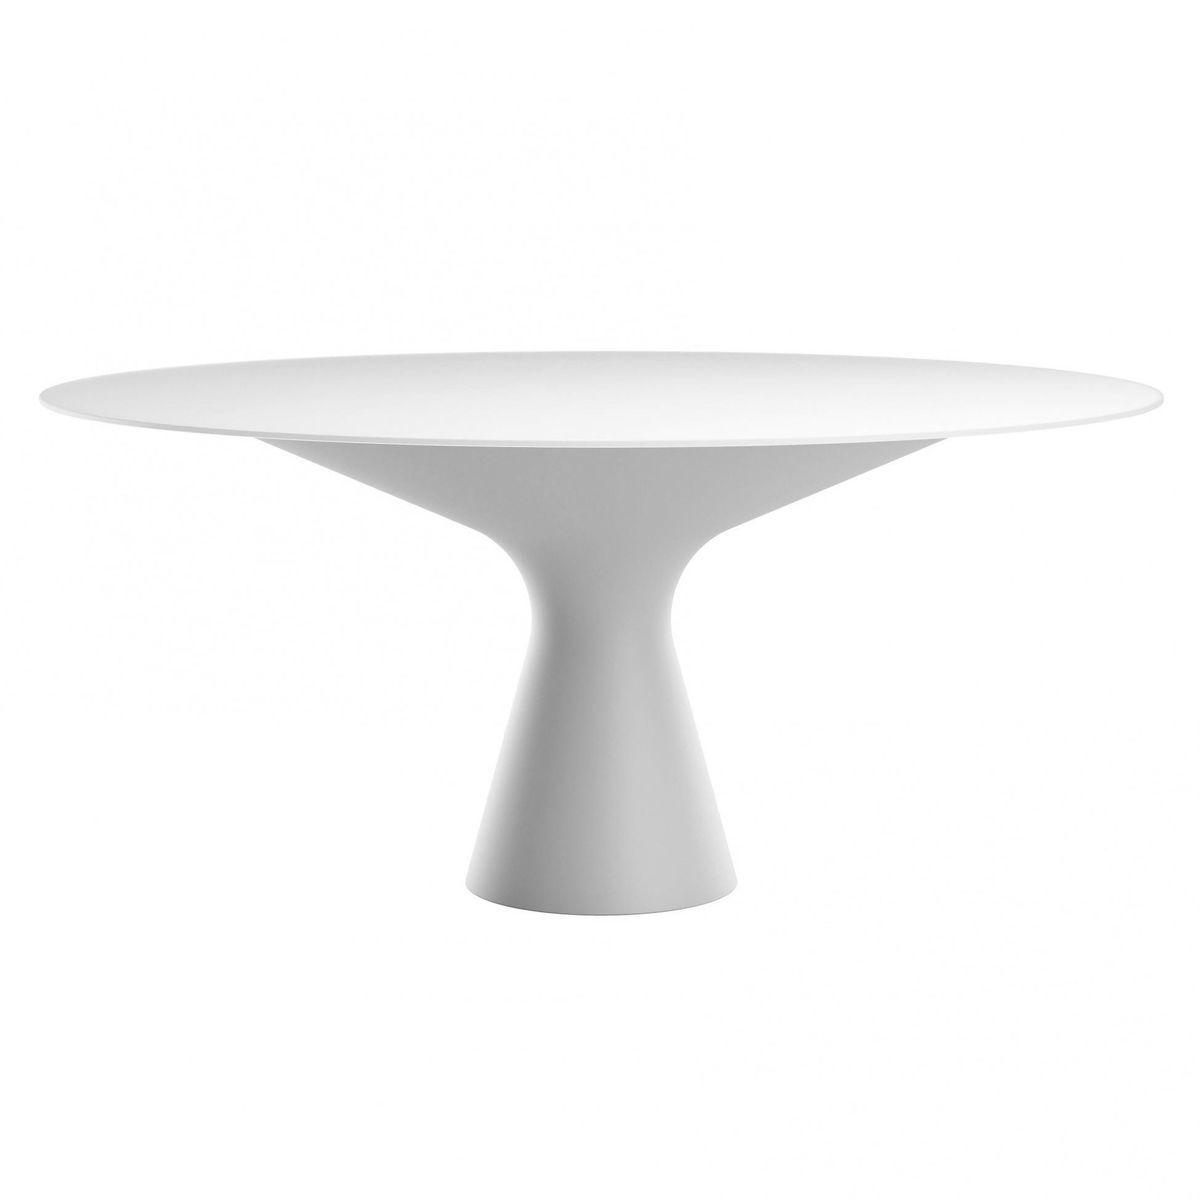 Esstisch Zypern ~ Blanco Esstisch  Tisch  Zanotta  AmbienteDirectcom